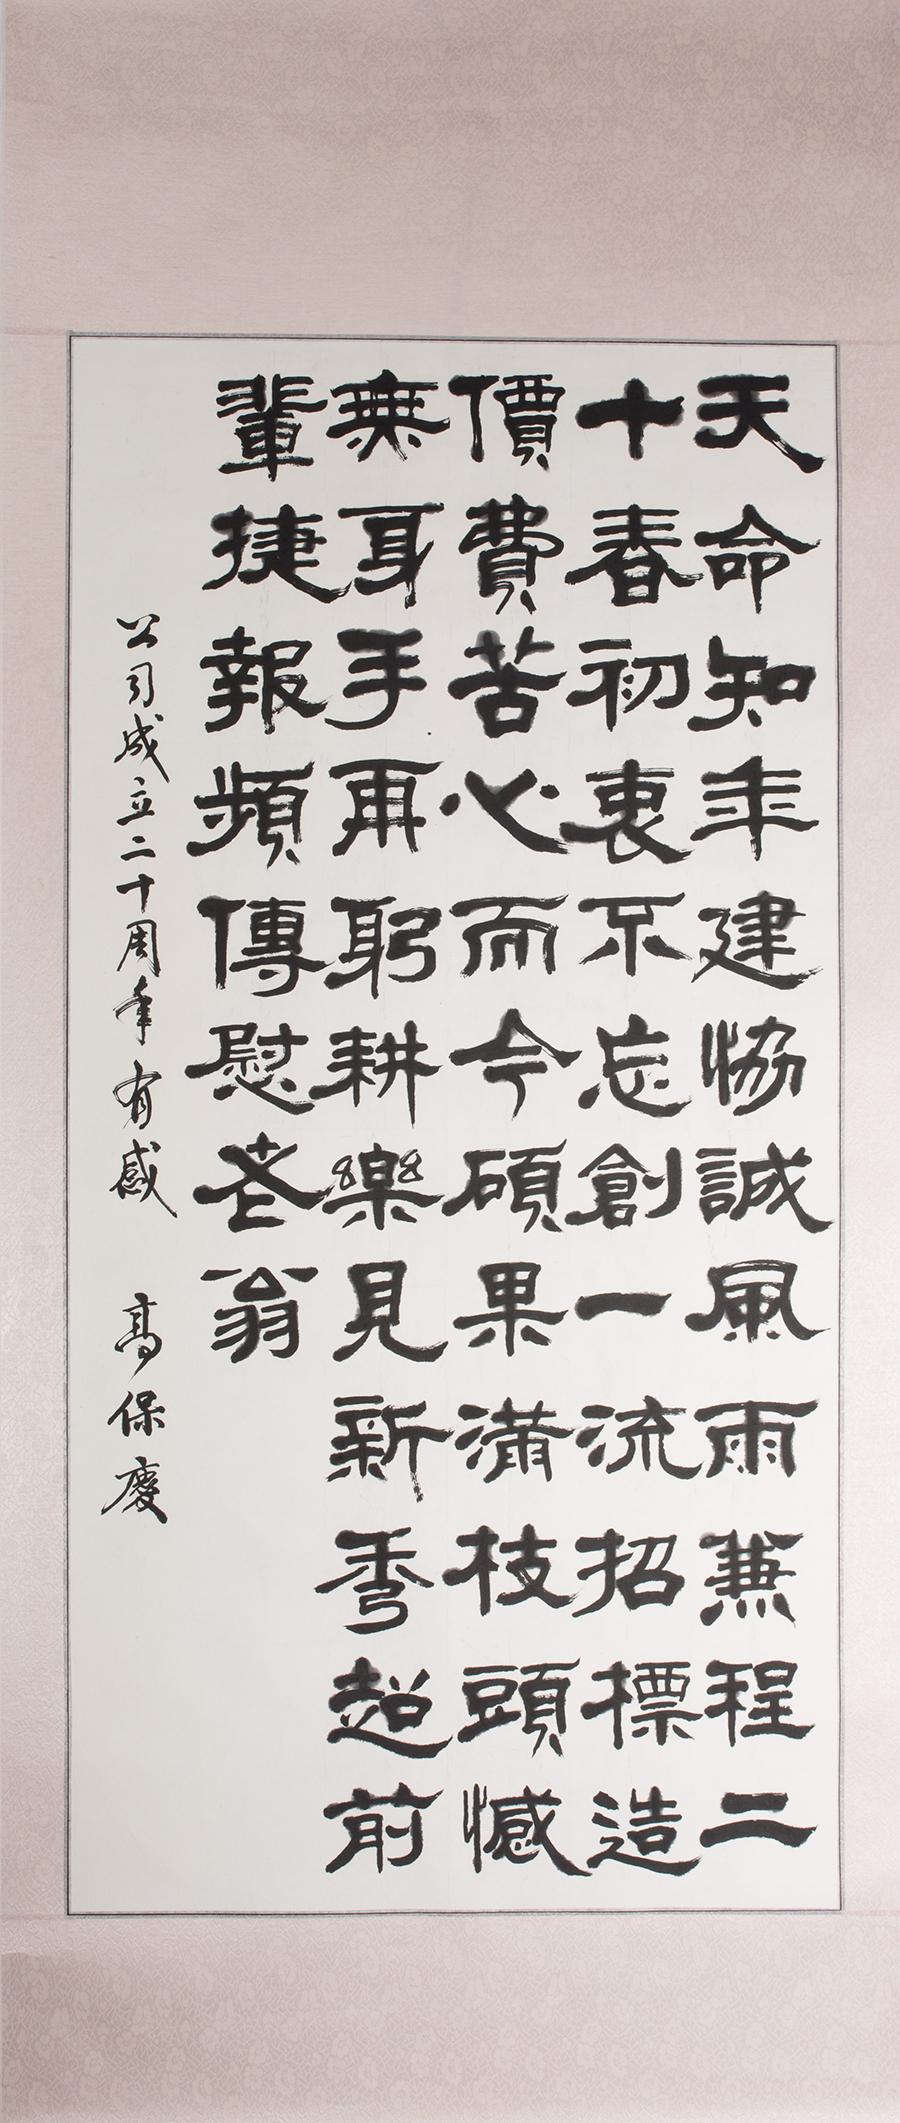 山西协诚建设工程项目管理有限公司  董事长高保庆  0351-5289159 (2)